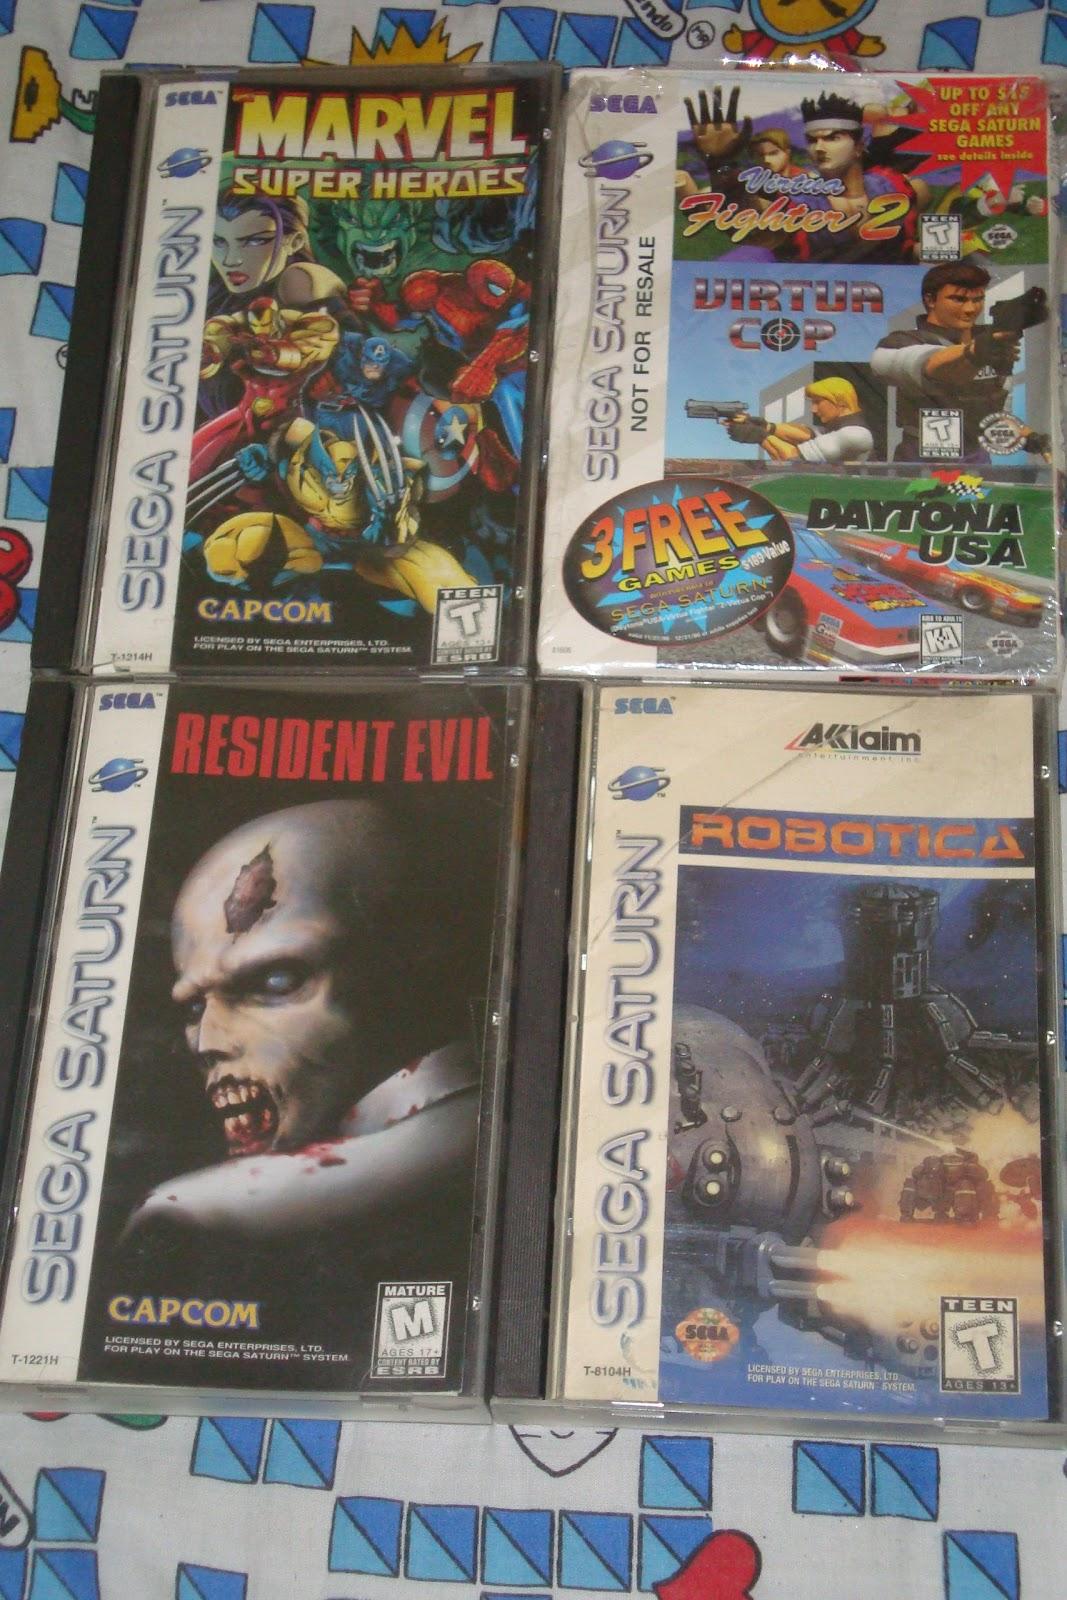 Darkshop Juegos Sega Saturno En Venta Originales